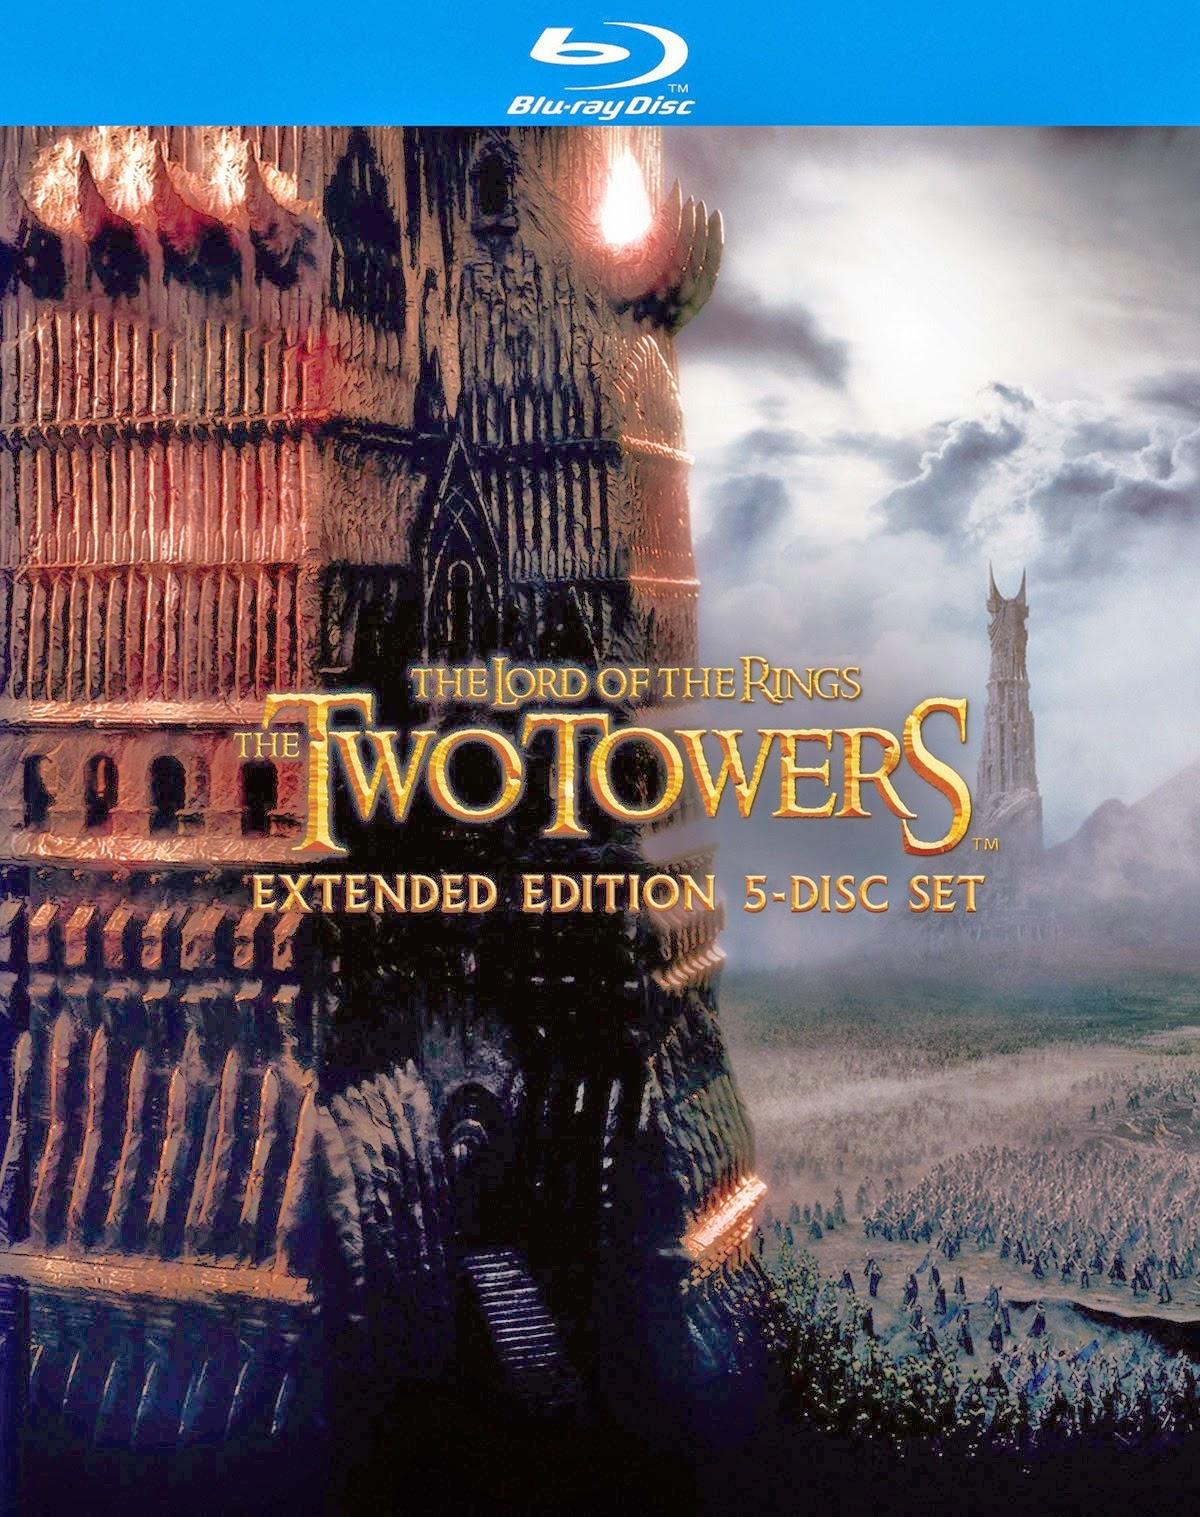 The Lord of the Rings  The Two Towers 2002 เดอะลอร์ดออฟเดอะริงส์ ภาคที่ 2 ตอน ศึกหอคอยคู่กู้พิภพ ฉบับสมบูรณ์